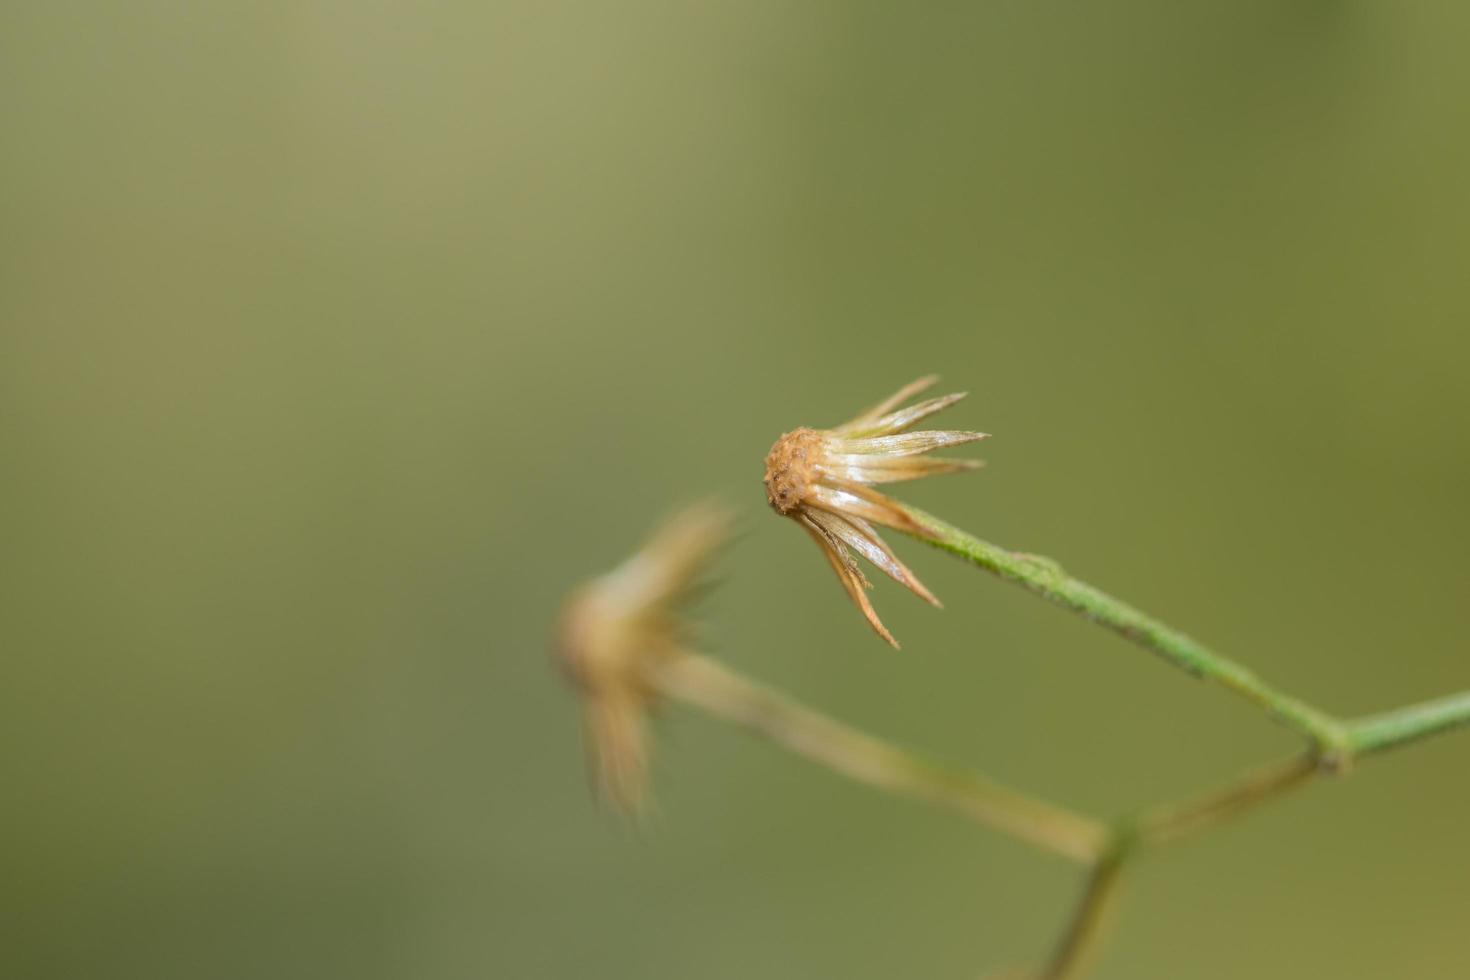 flor silvestre close-up foto